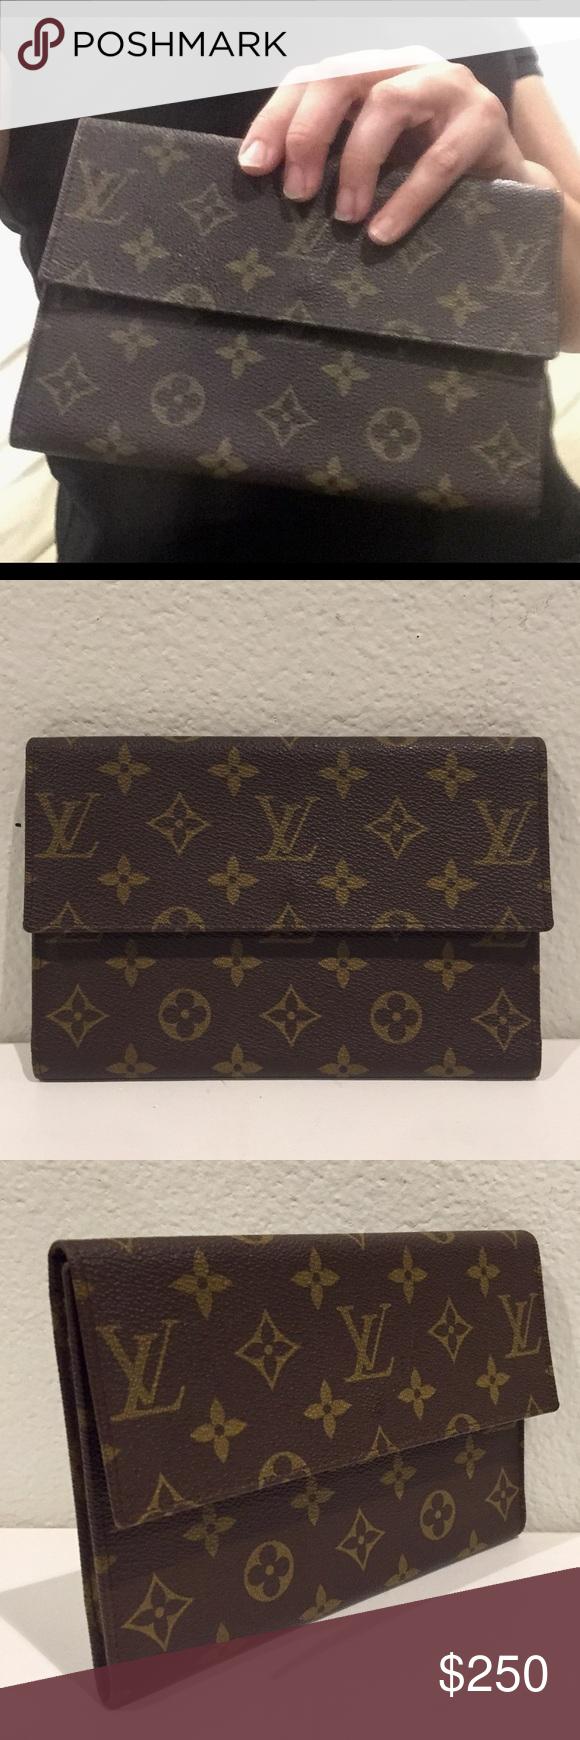 Louis Vuitton Vintage Monogram Envelope Clutch Vintage Louis Vuitton Louis Vuitton Vintage Monogram